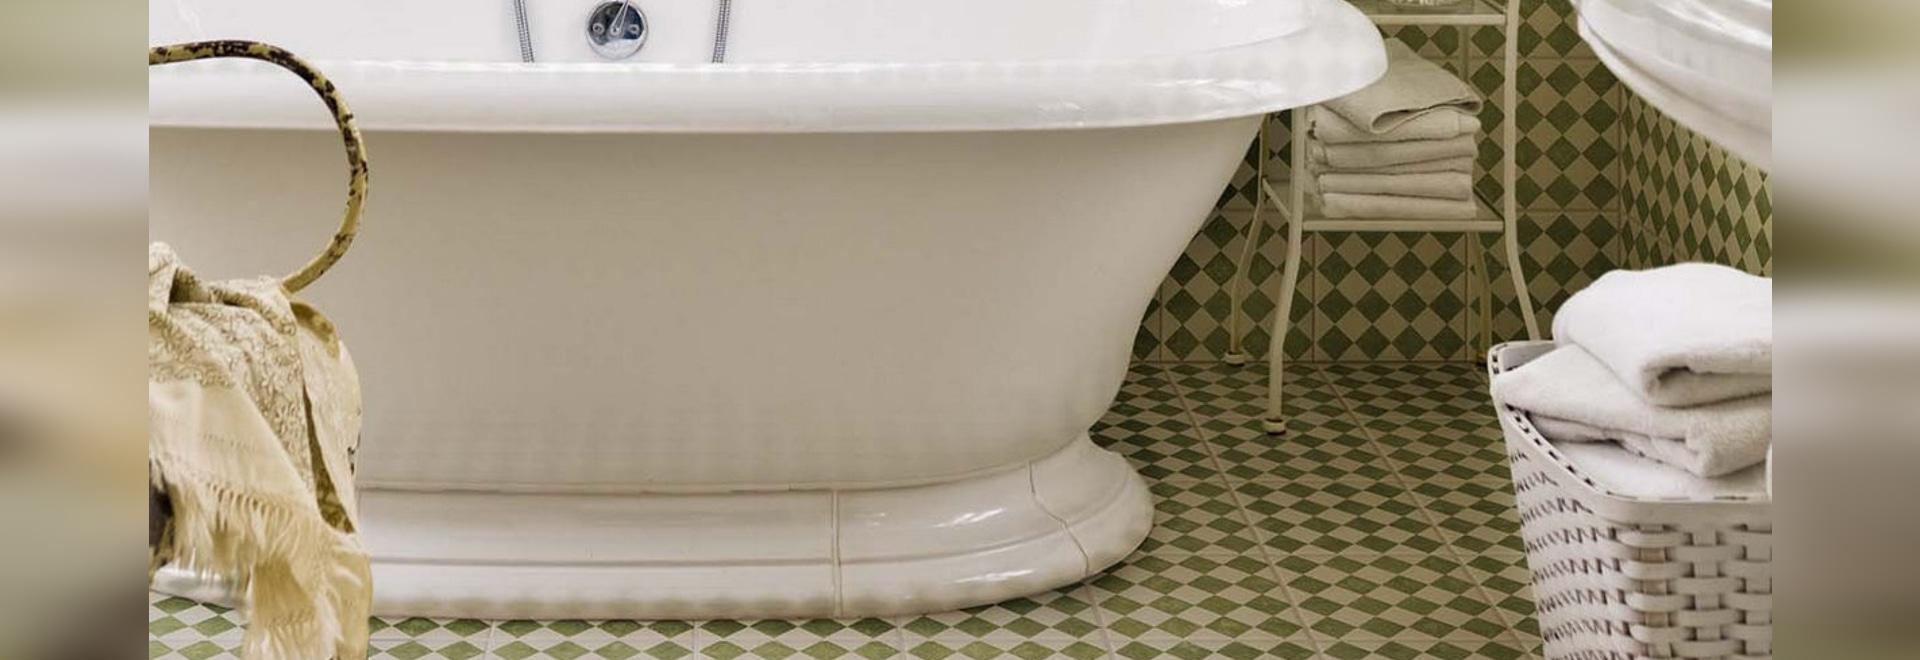 NOVITÀ: piastrella da bagno by Ceramica Bardelli - Ceramica Bardelli